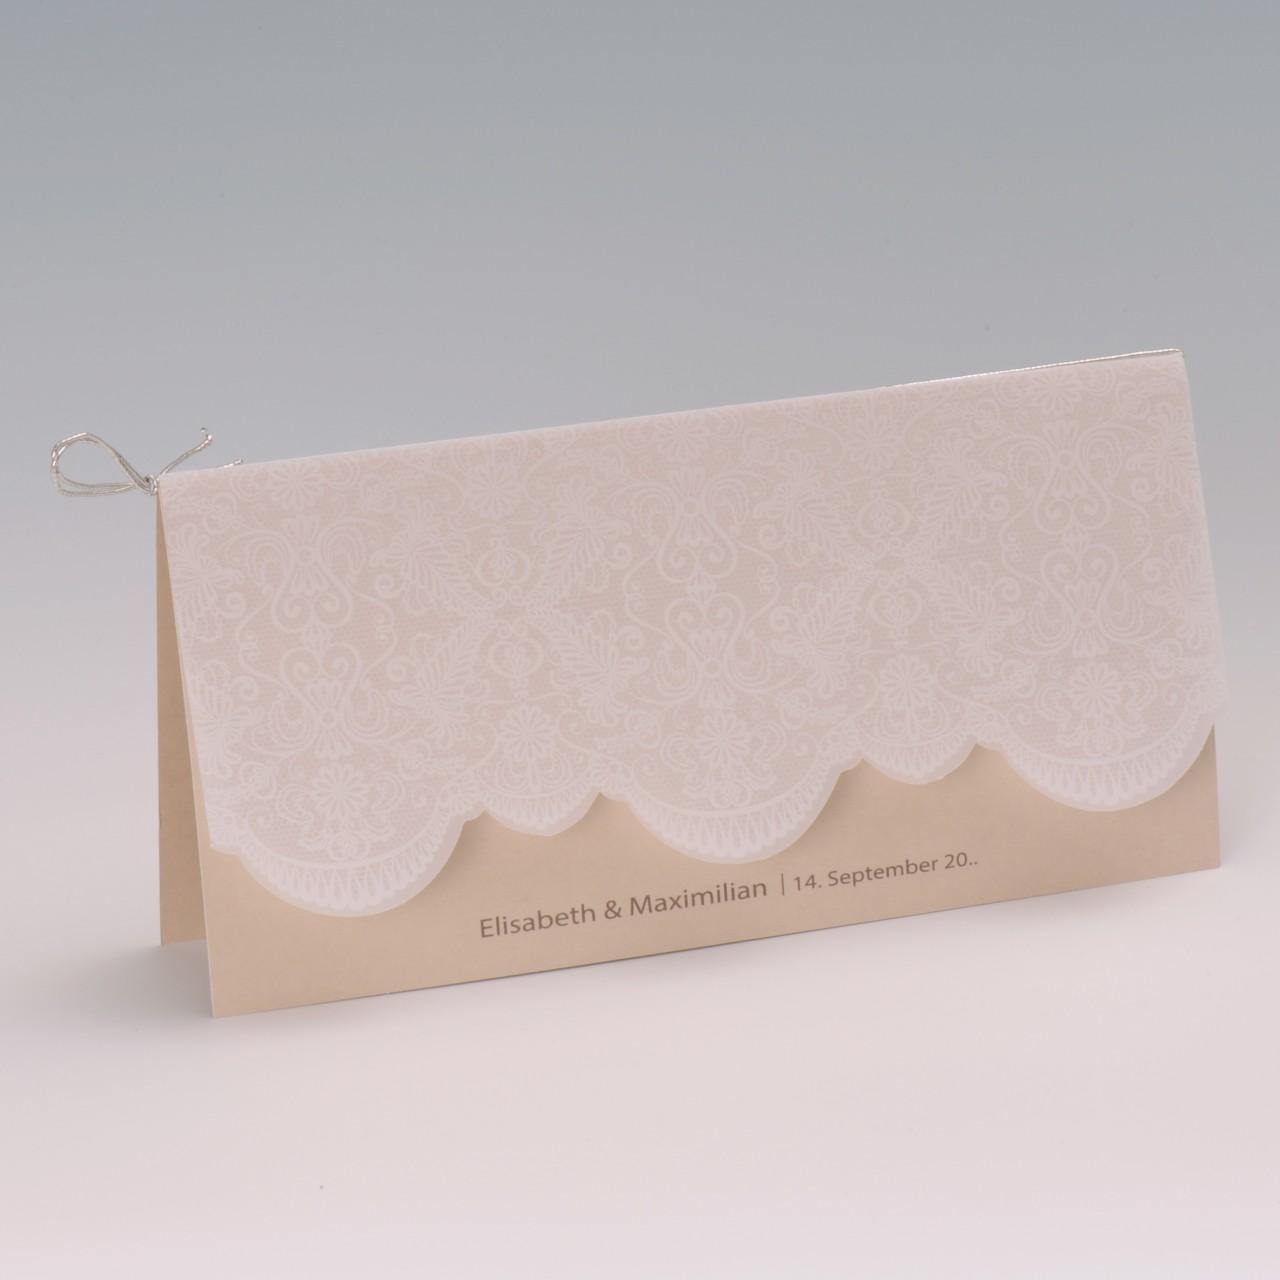 Liebevoll Umhullte Hochzeitskarte Pergament Ansprechend Karteninsel